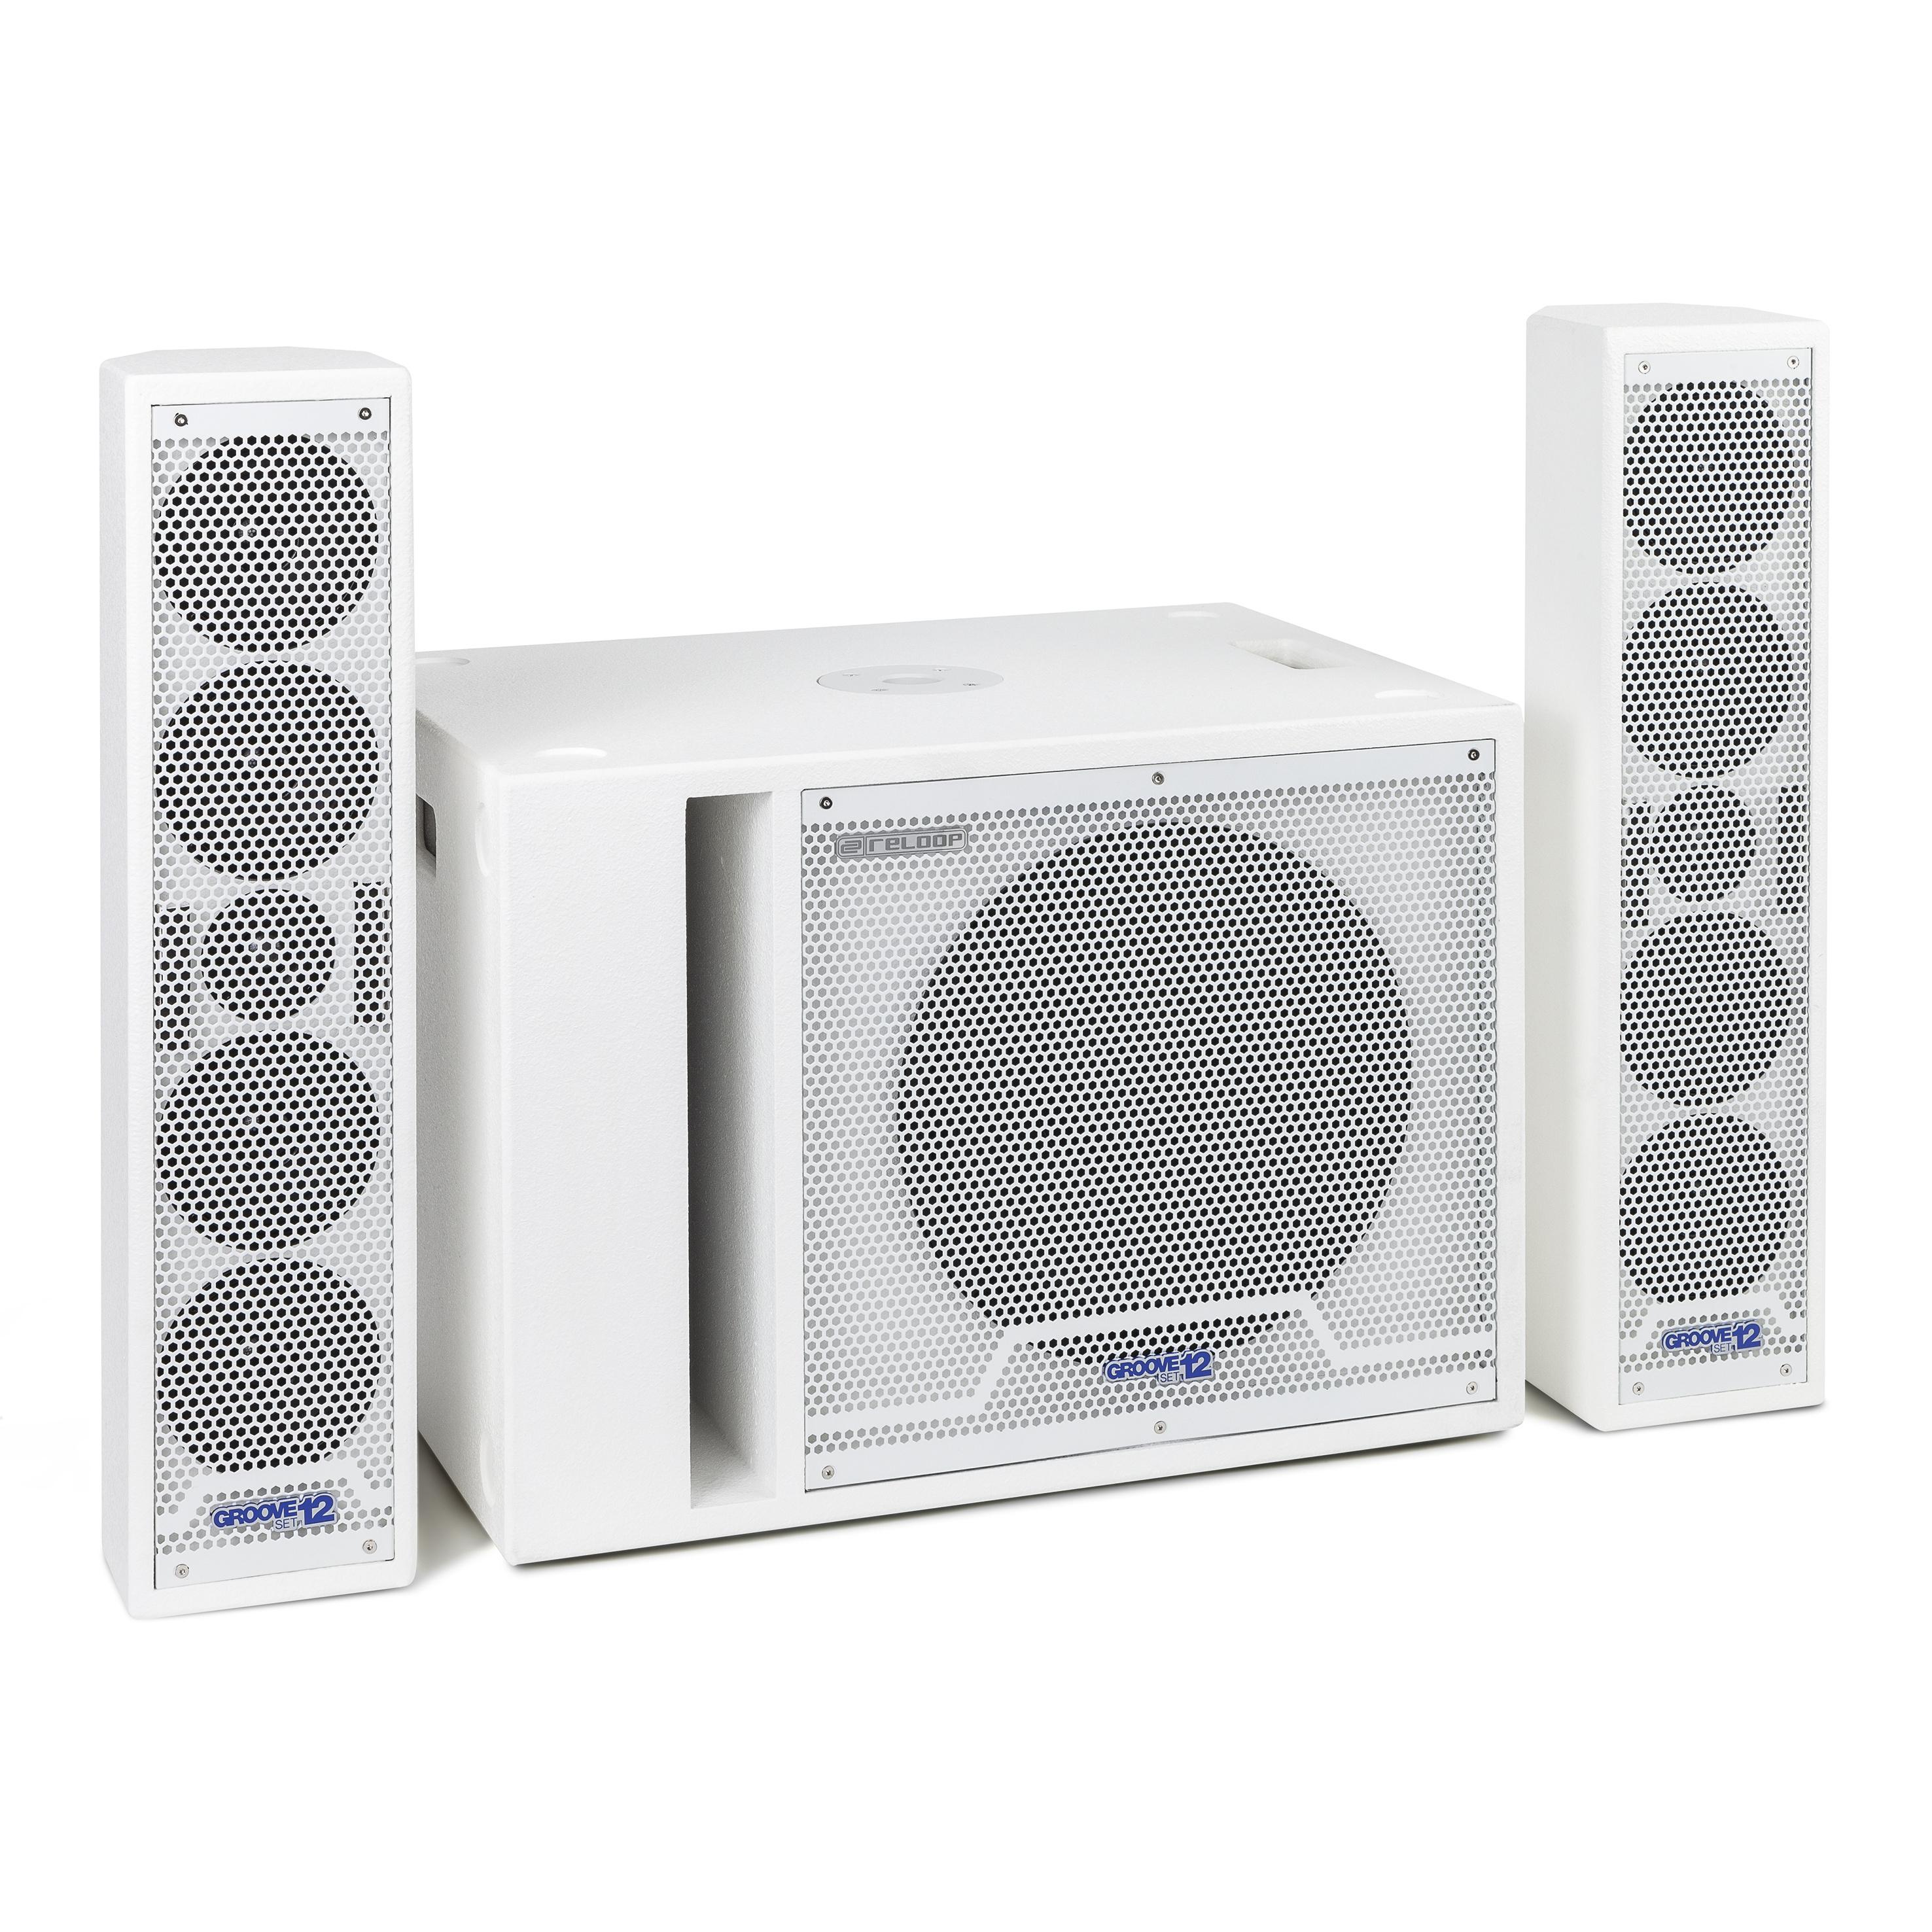 Reloop Groove Set 12 white 238229